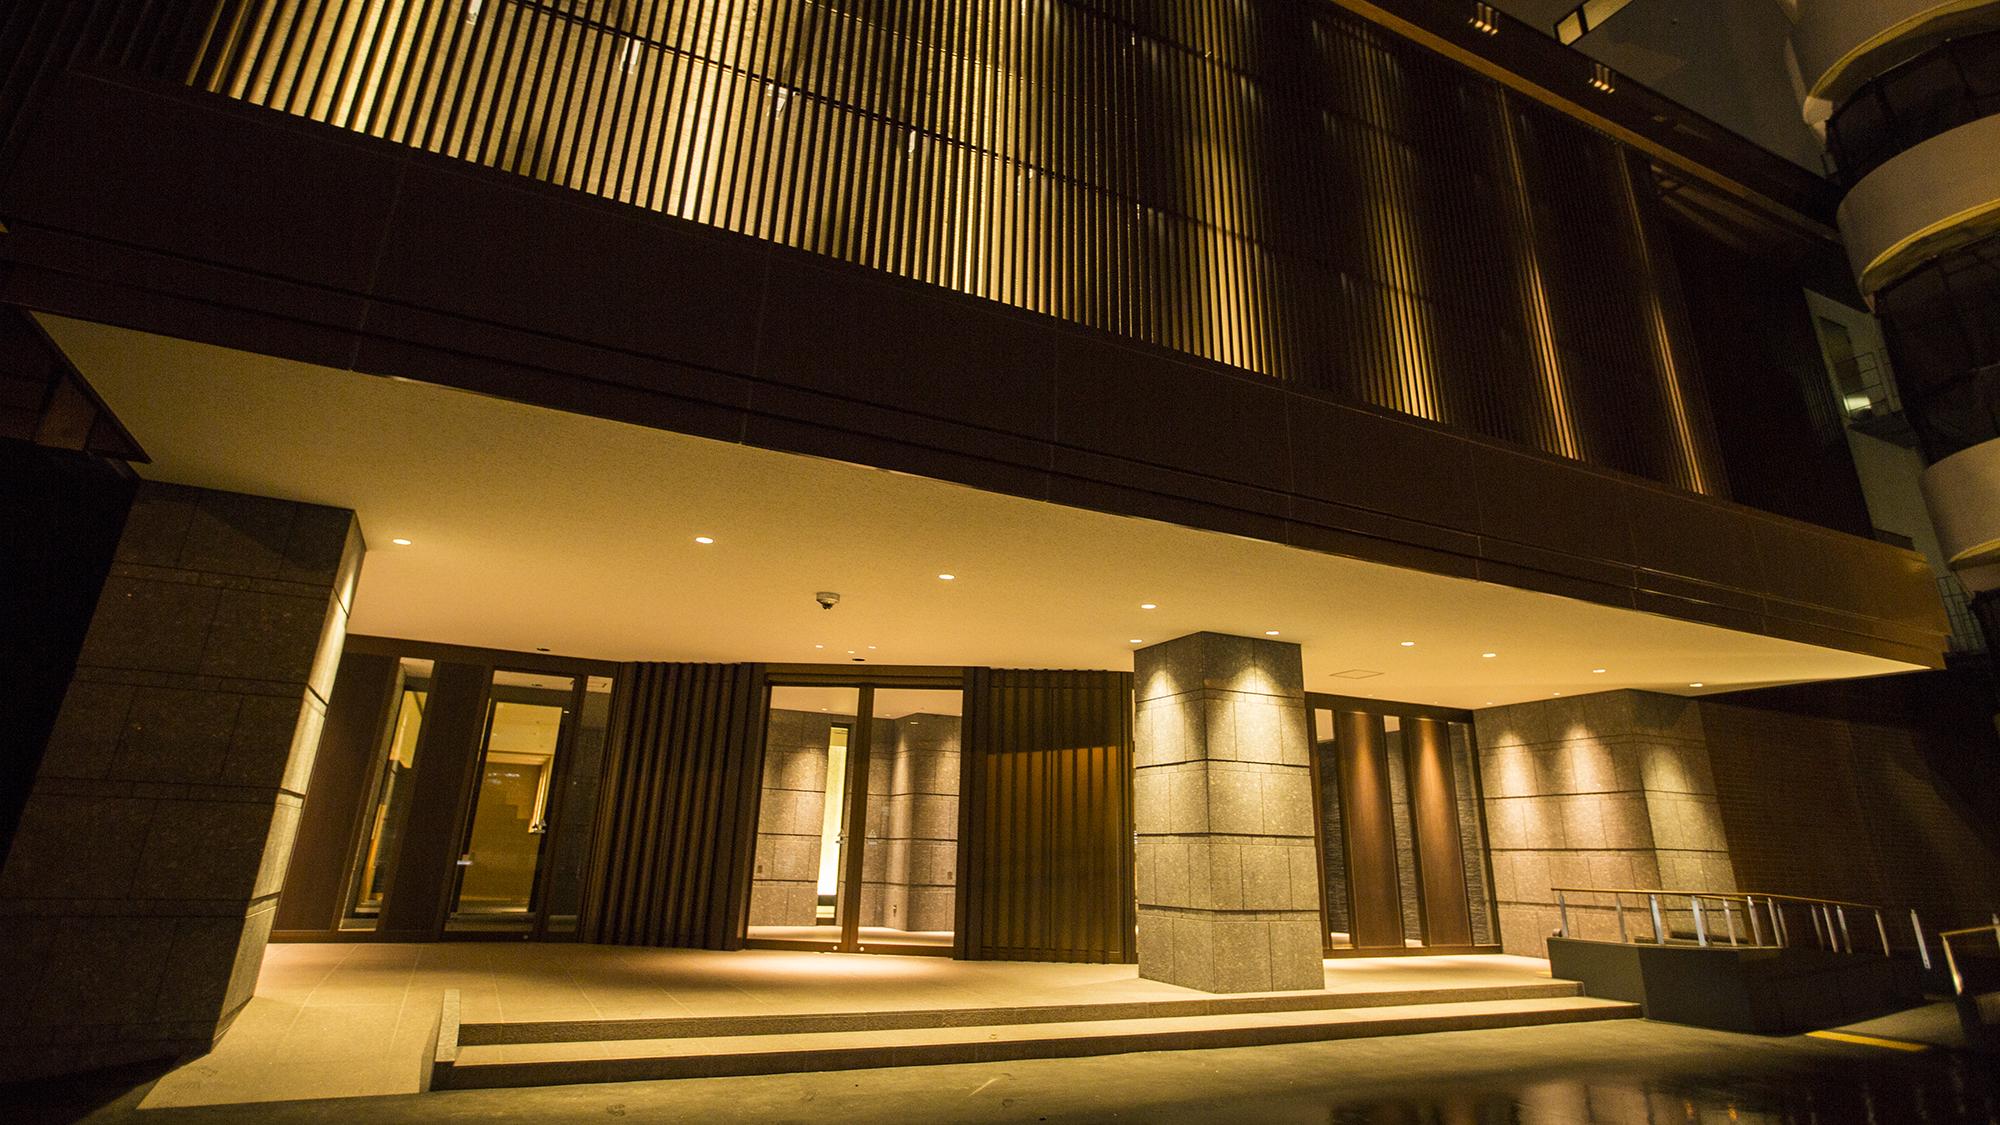 湯の川温泉 湯の川プリンスホテル渚亭 image